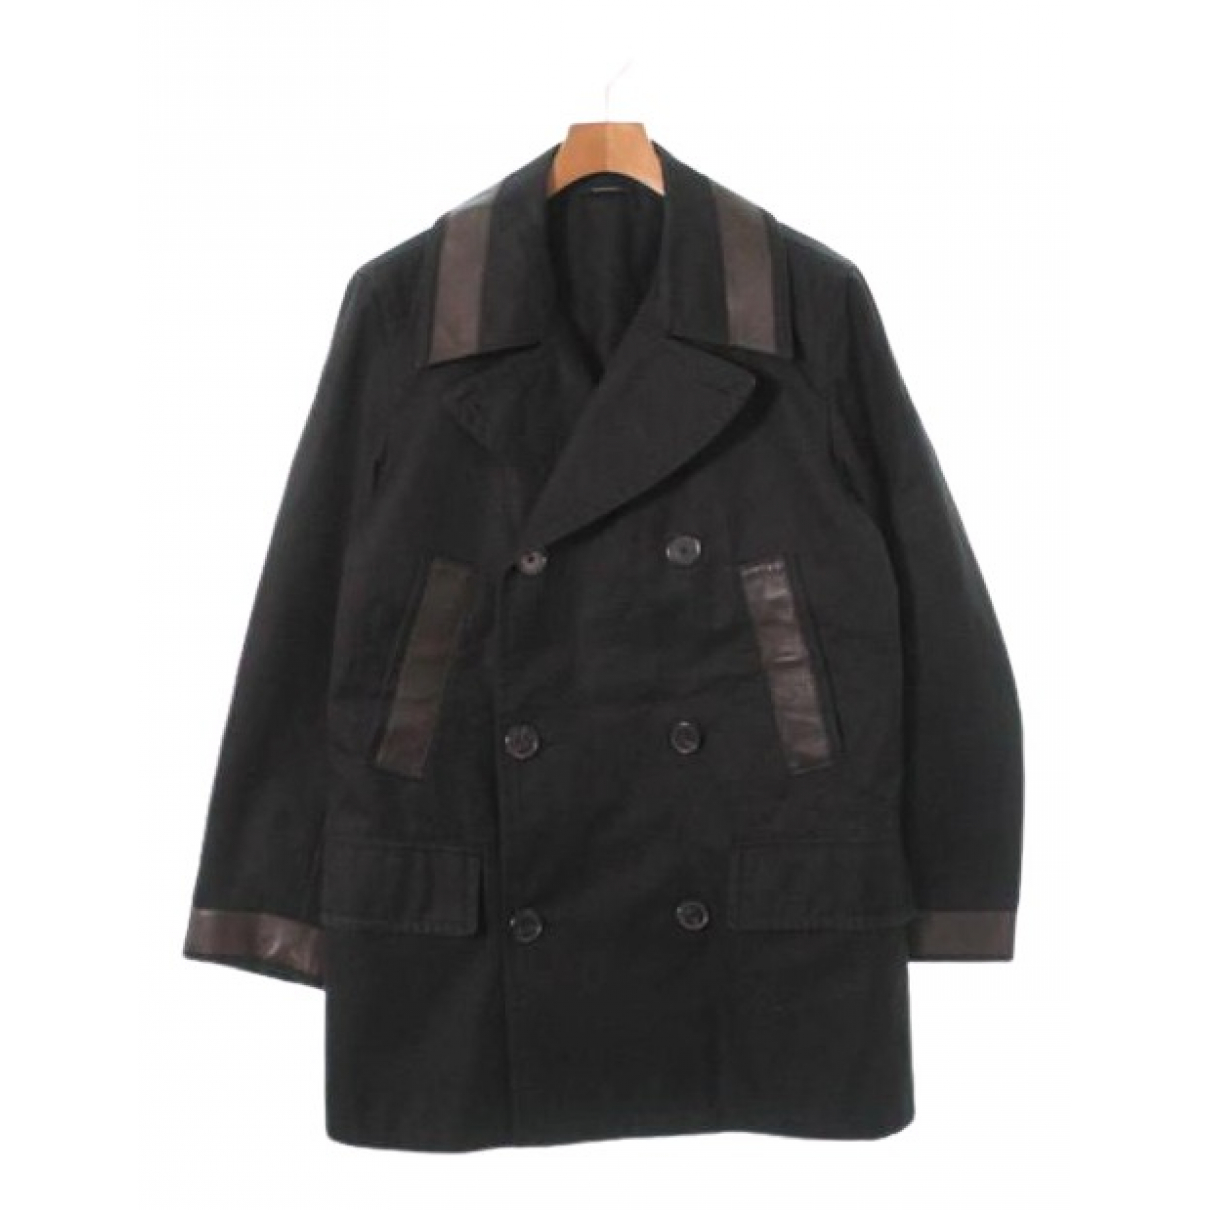 Hermes - Manteau   pour homme en coton - noir